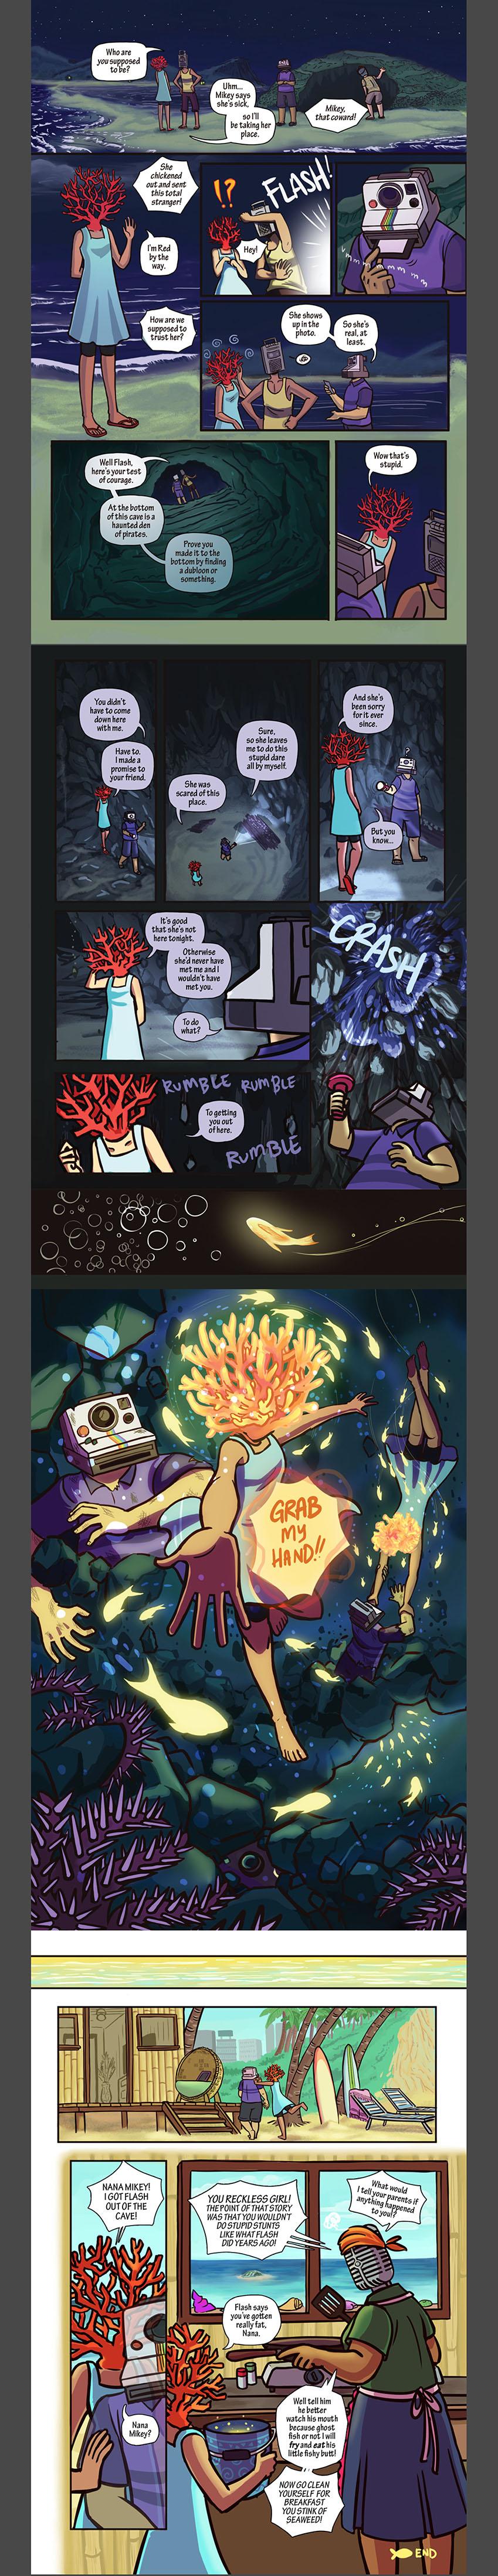 2017 Spooky Objecthead Zine by kalkie